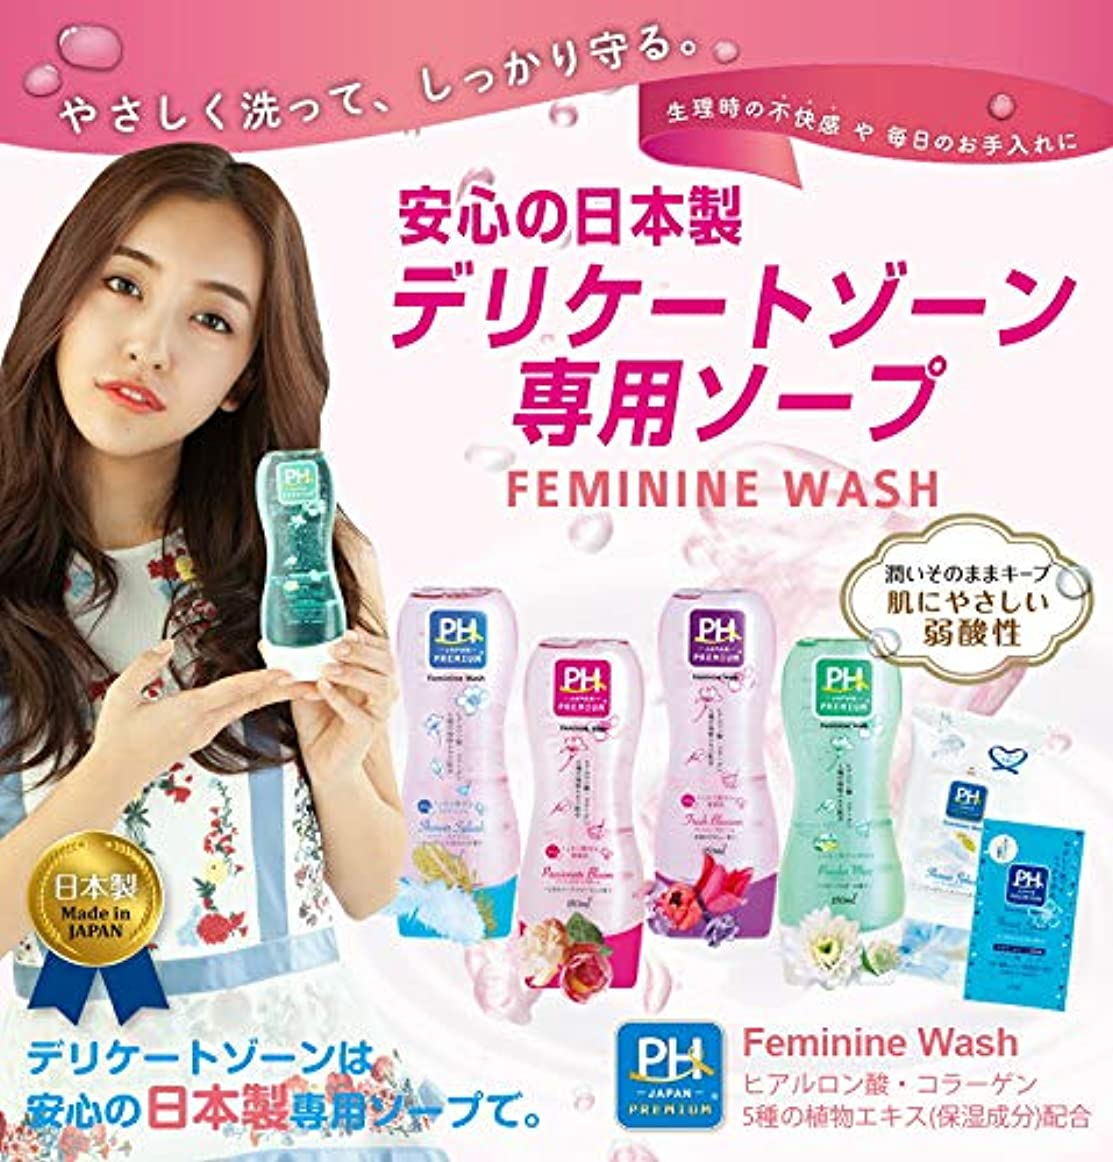 意見不適当アレキサンダーグラハムベルパッショネイトブルーム4本セット PH JAPAN フェミニンウォッシュ 上品なローズフローラルの香り